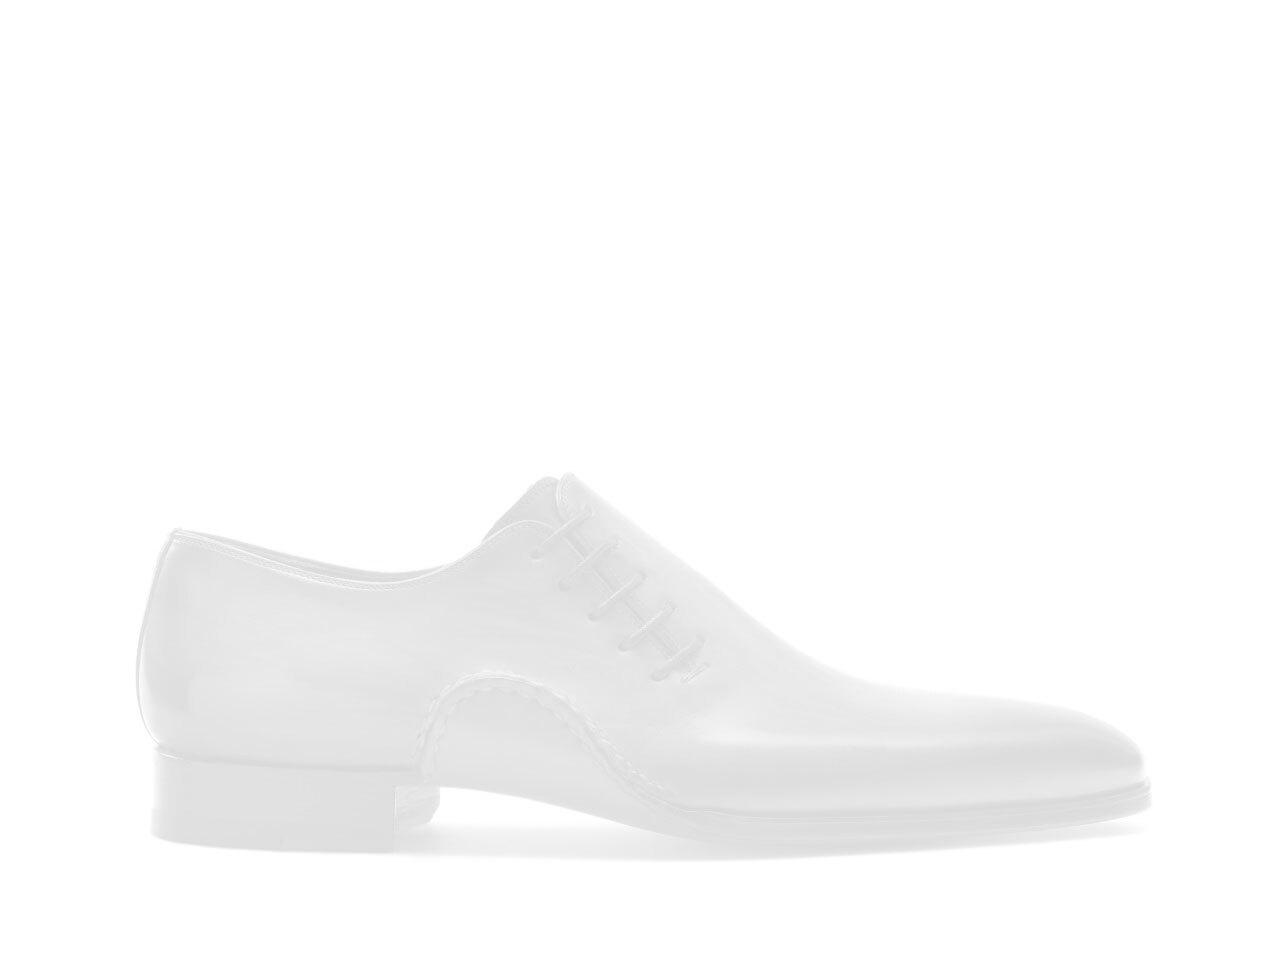 Sole of the Magnanni Marbella Cuero Men's Loafers